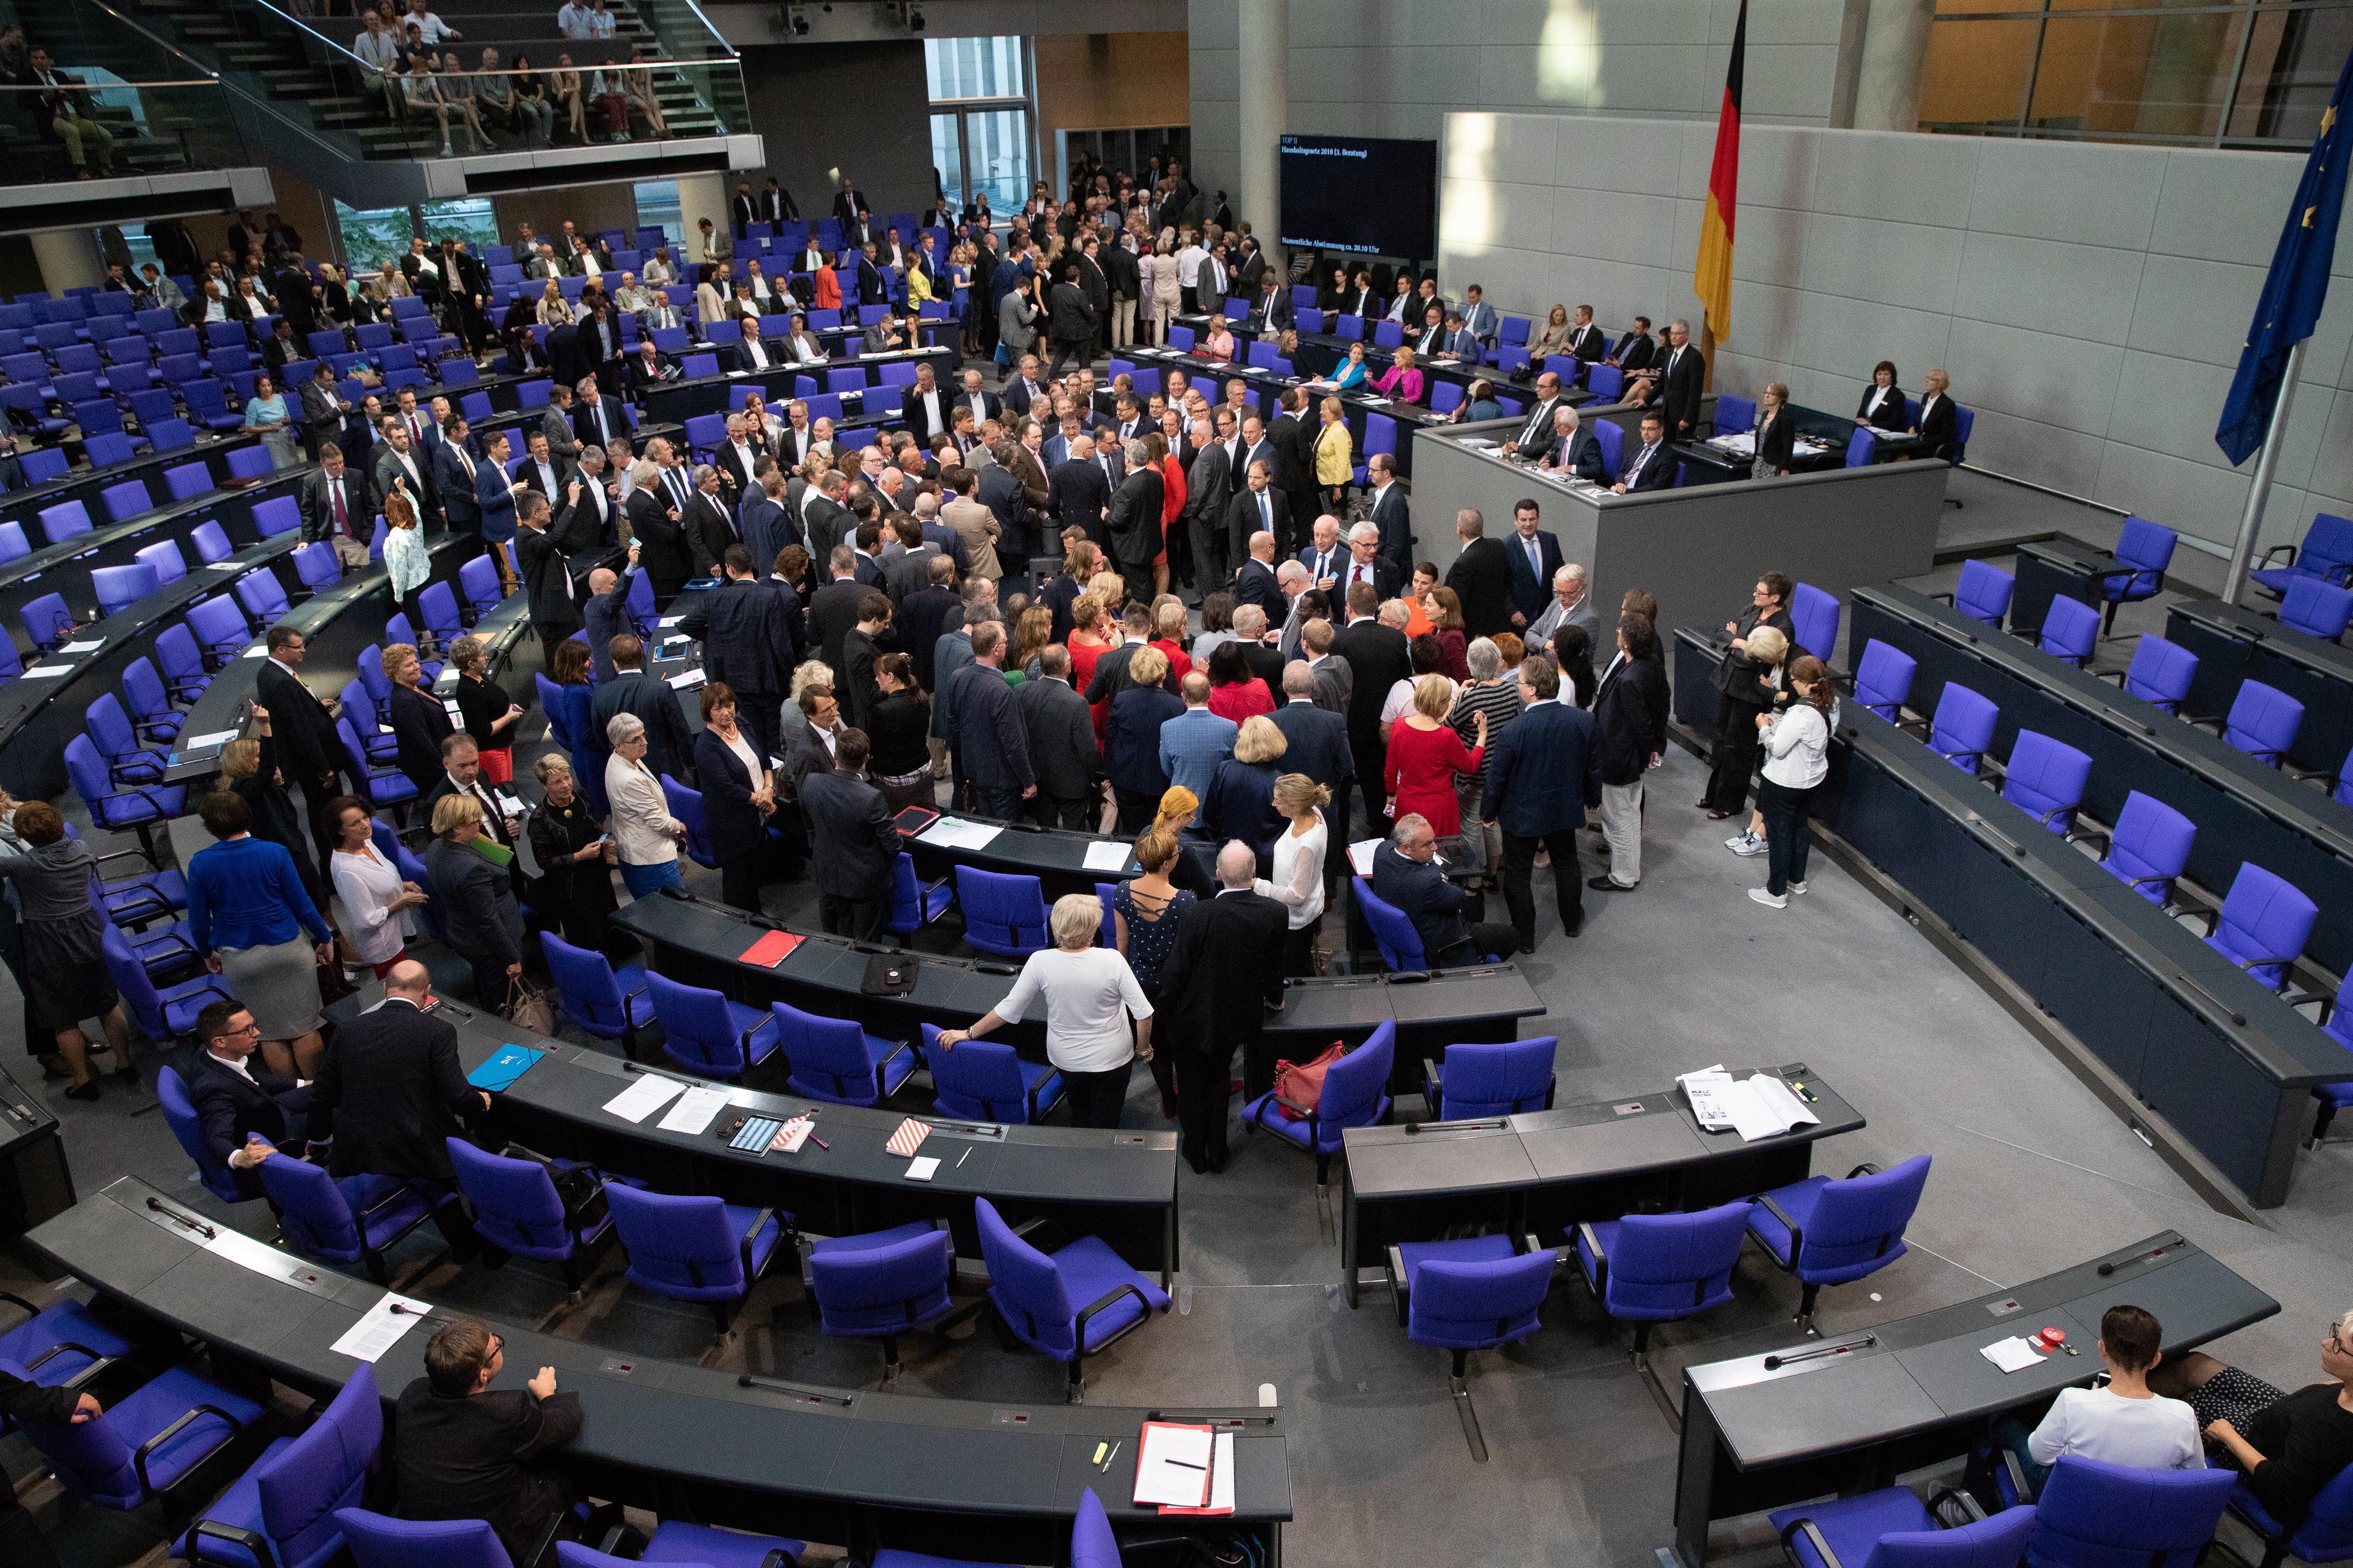 Alemanha abre caminho para o reconhecimento de um terceiro sexo